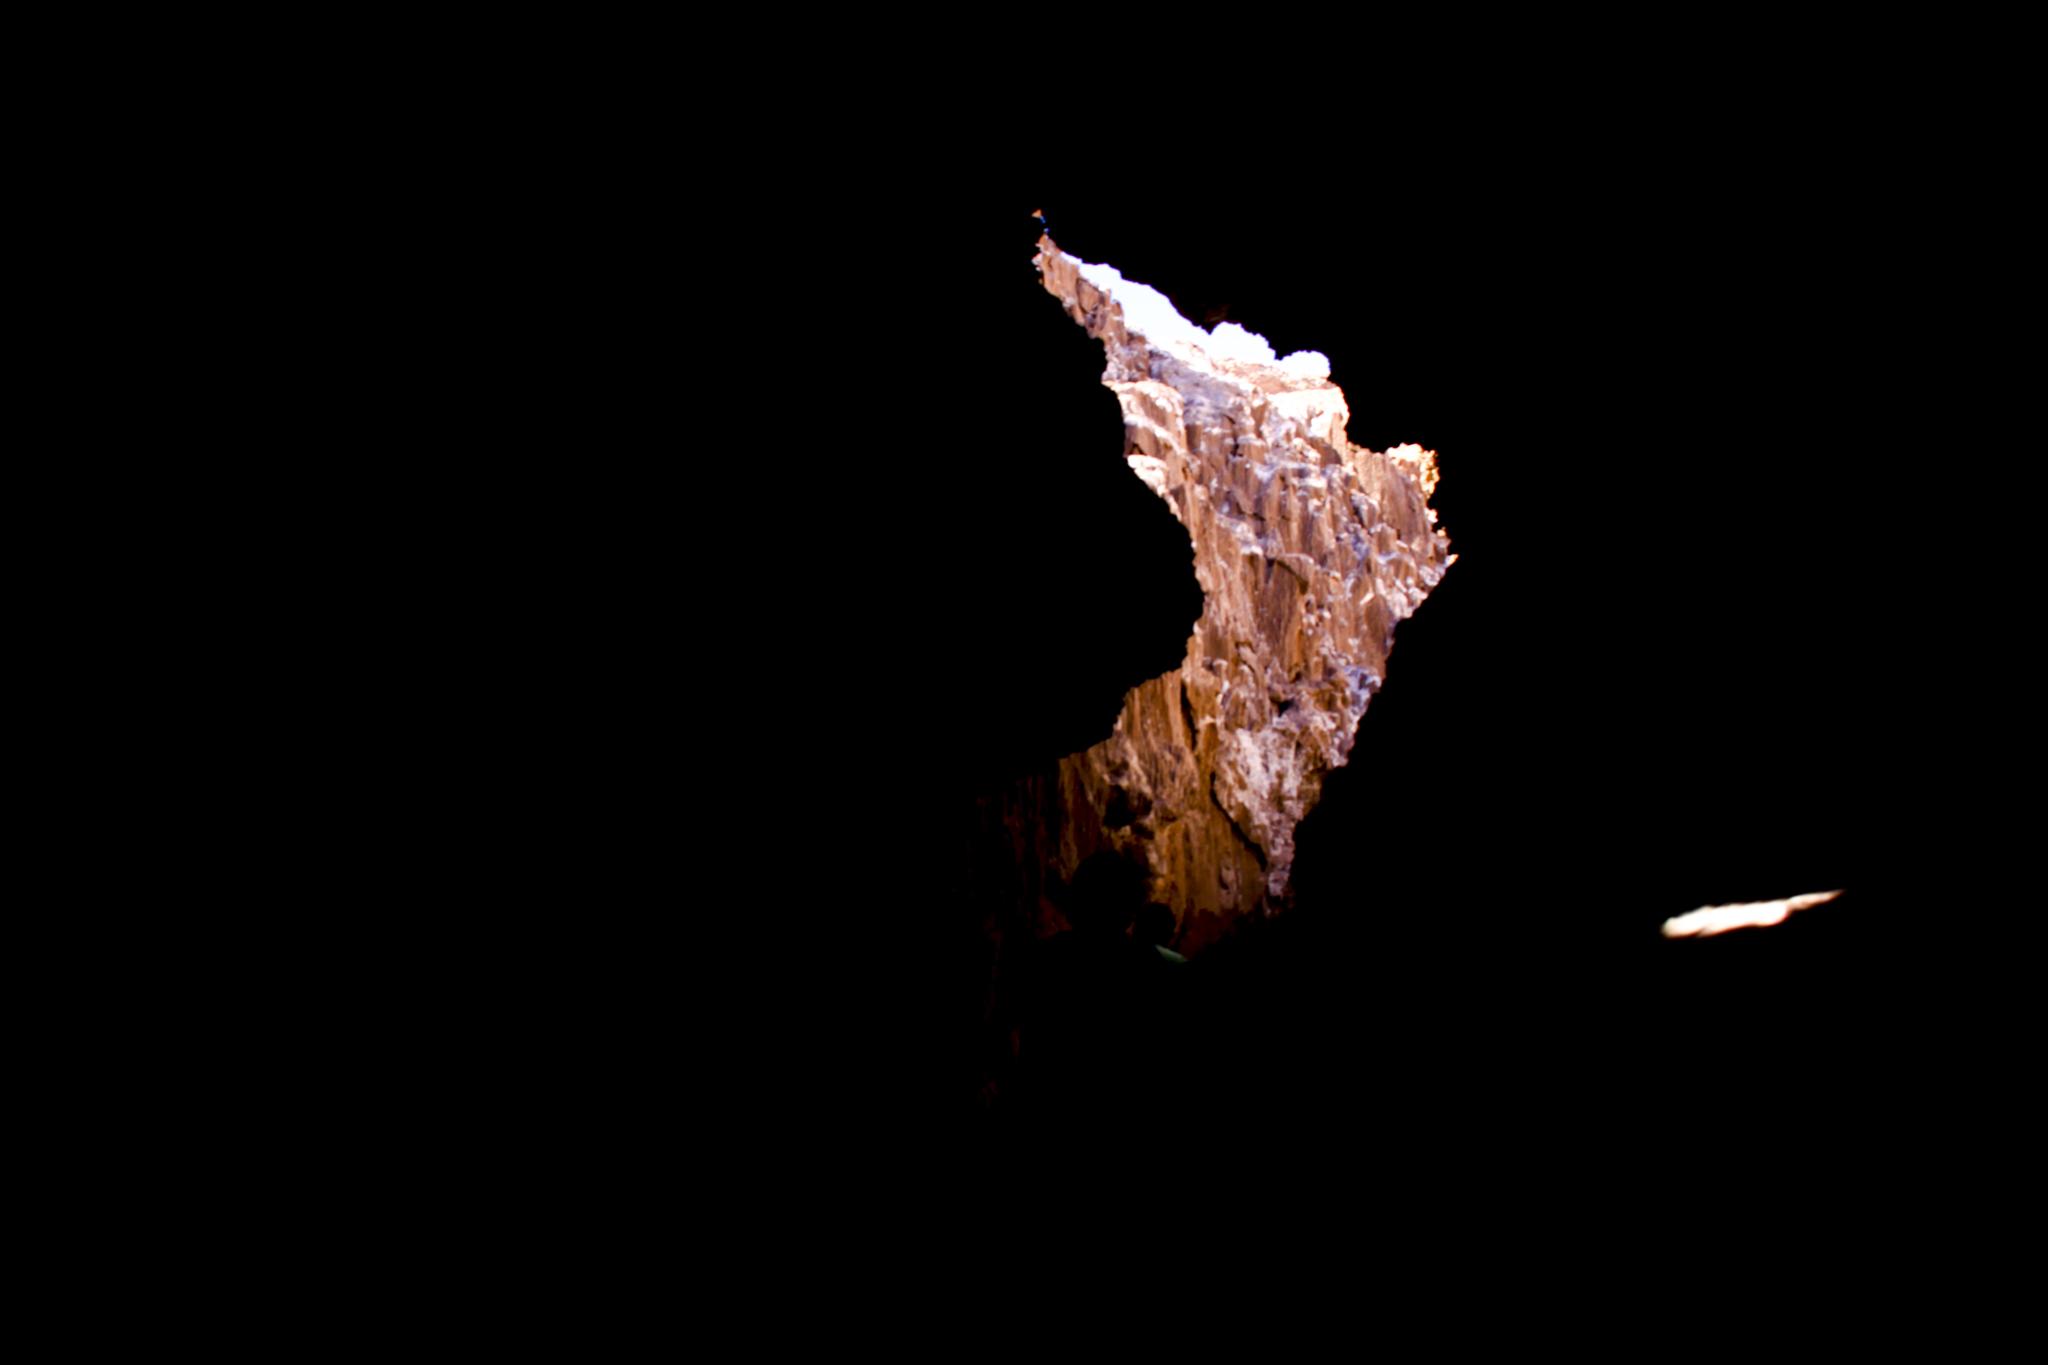 Caverna de sal, Vale da Lua